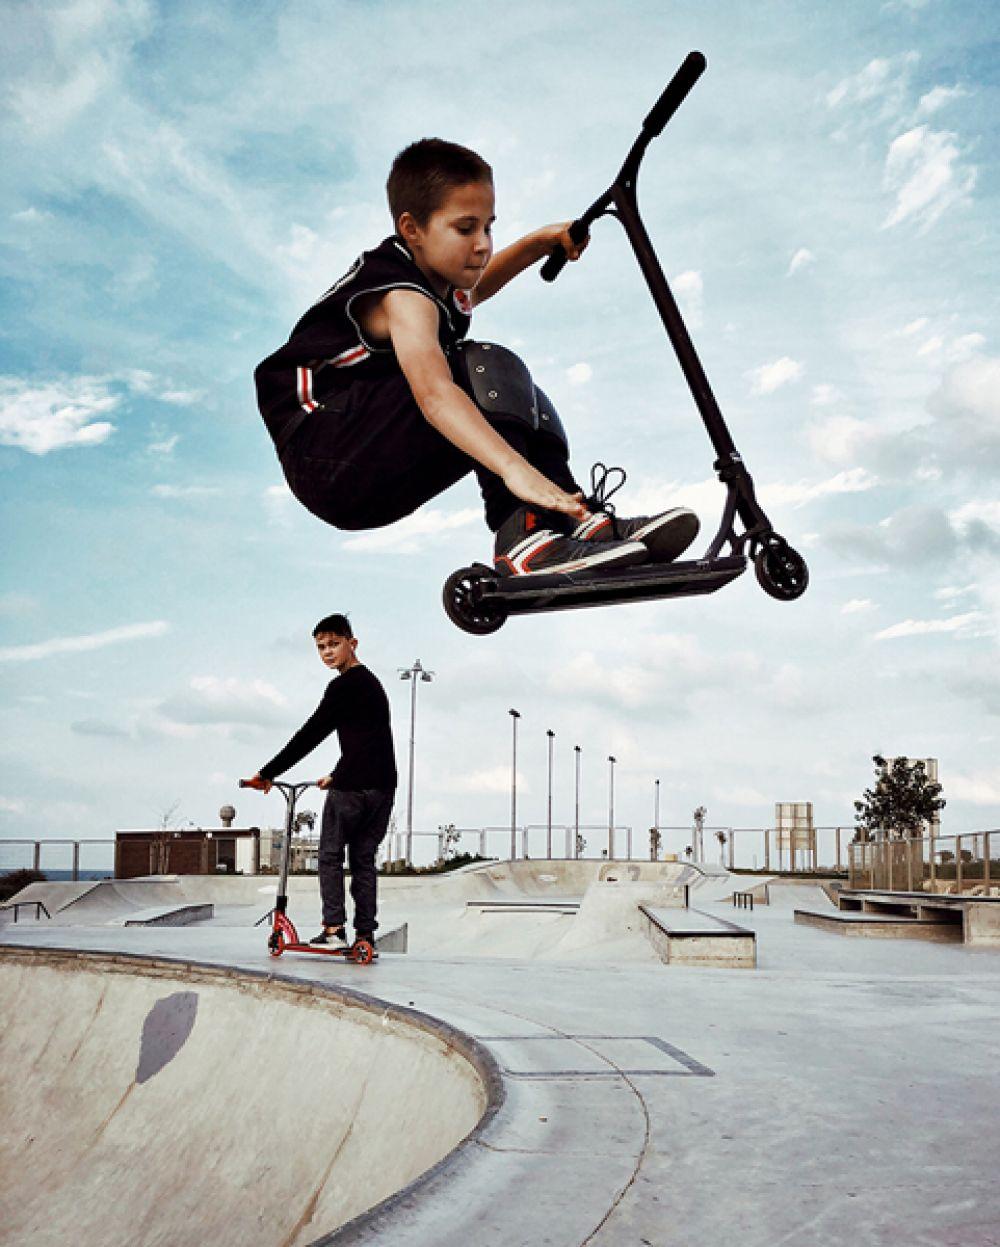 Дина Альфаси, Израиль. 2-е место в категории «Дети». Дети в скейт-парке Хайфы. Снято на iPhone X.